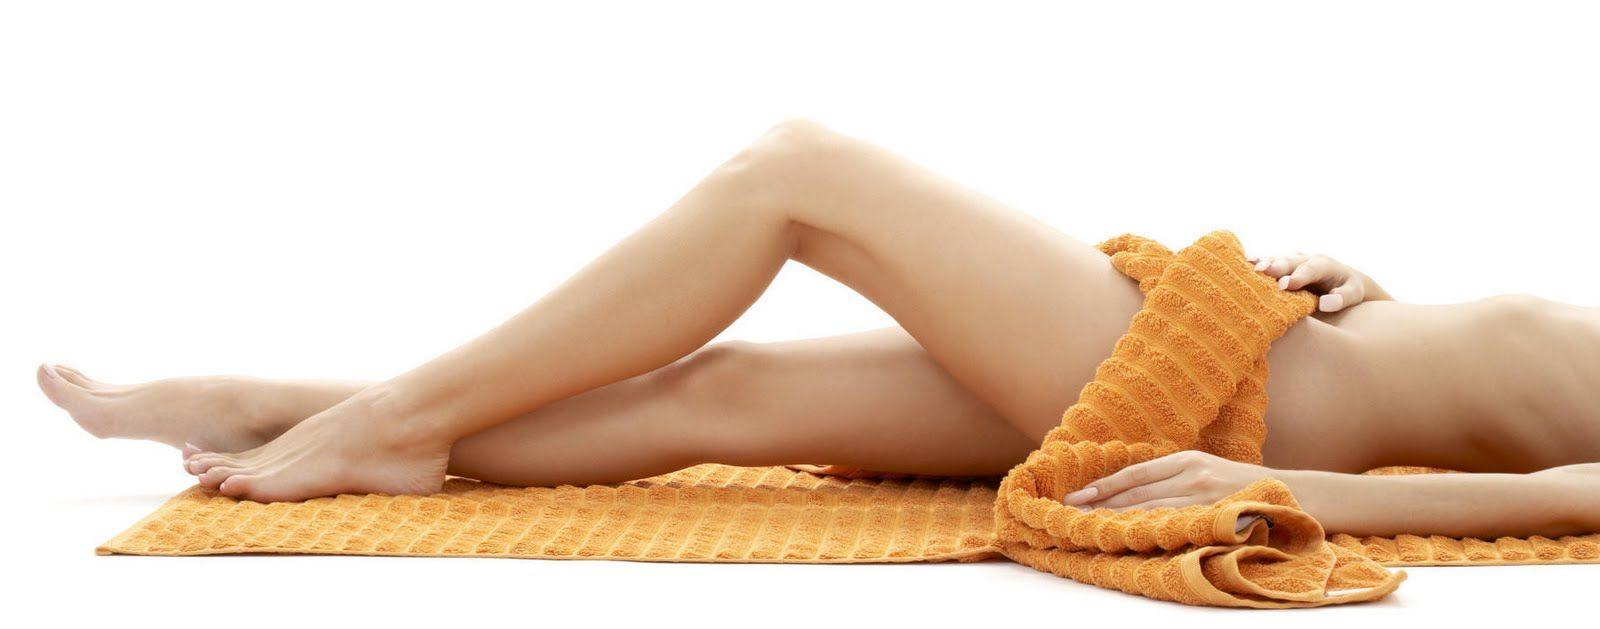 Tratamientos de Cirugía Intima Femenina